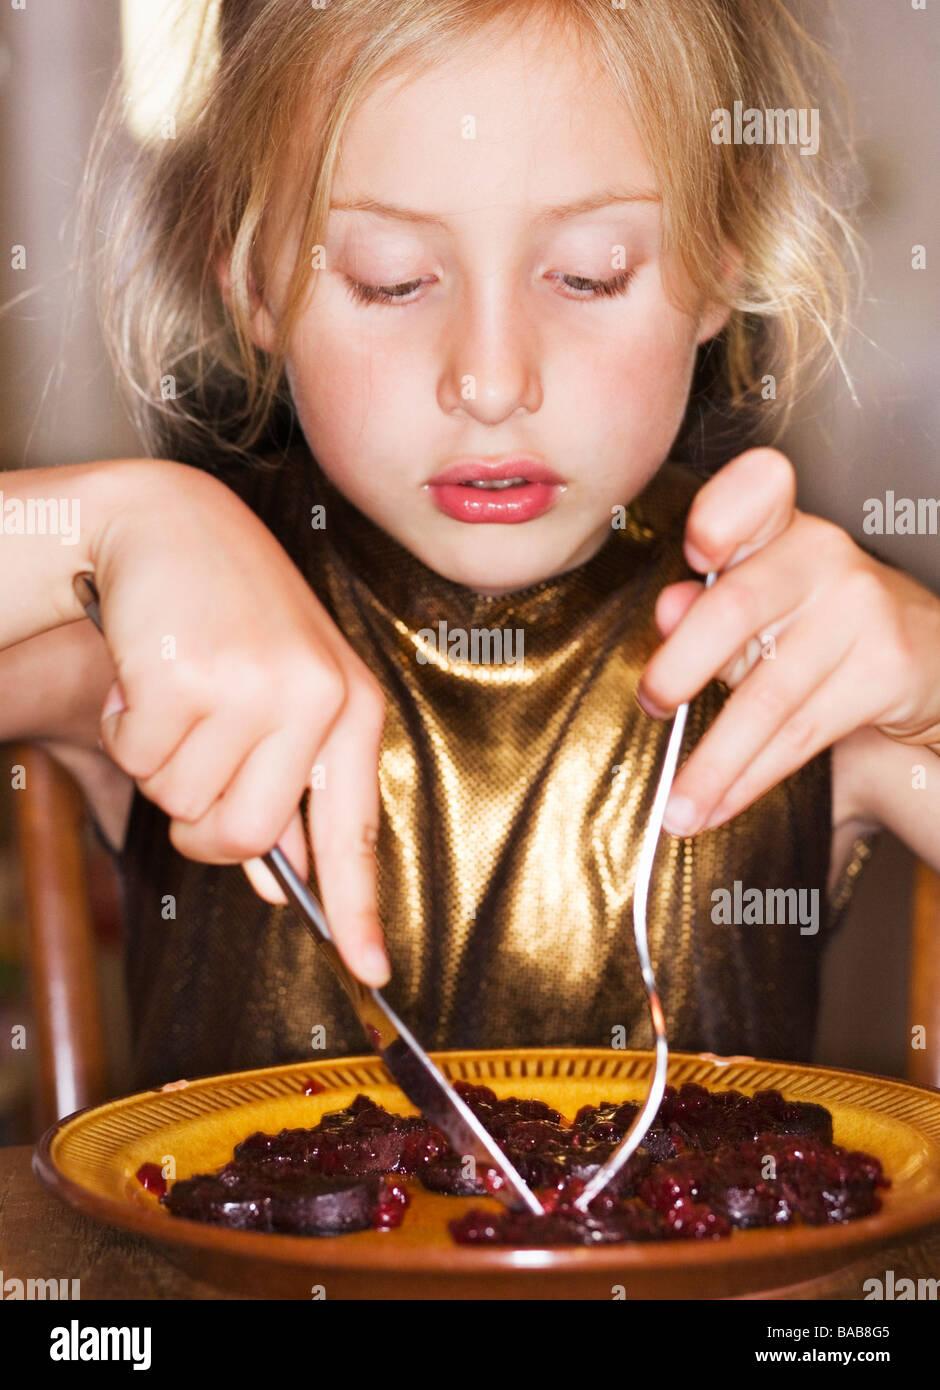 Ein Mädchen essen. Stockbild